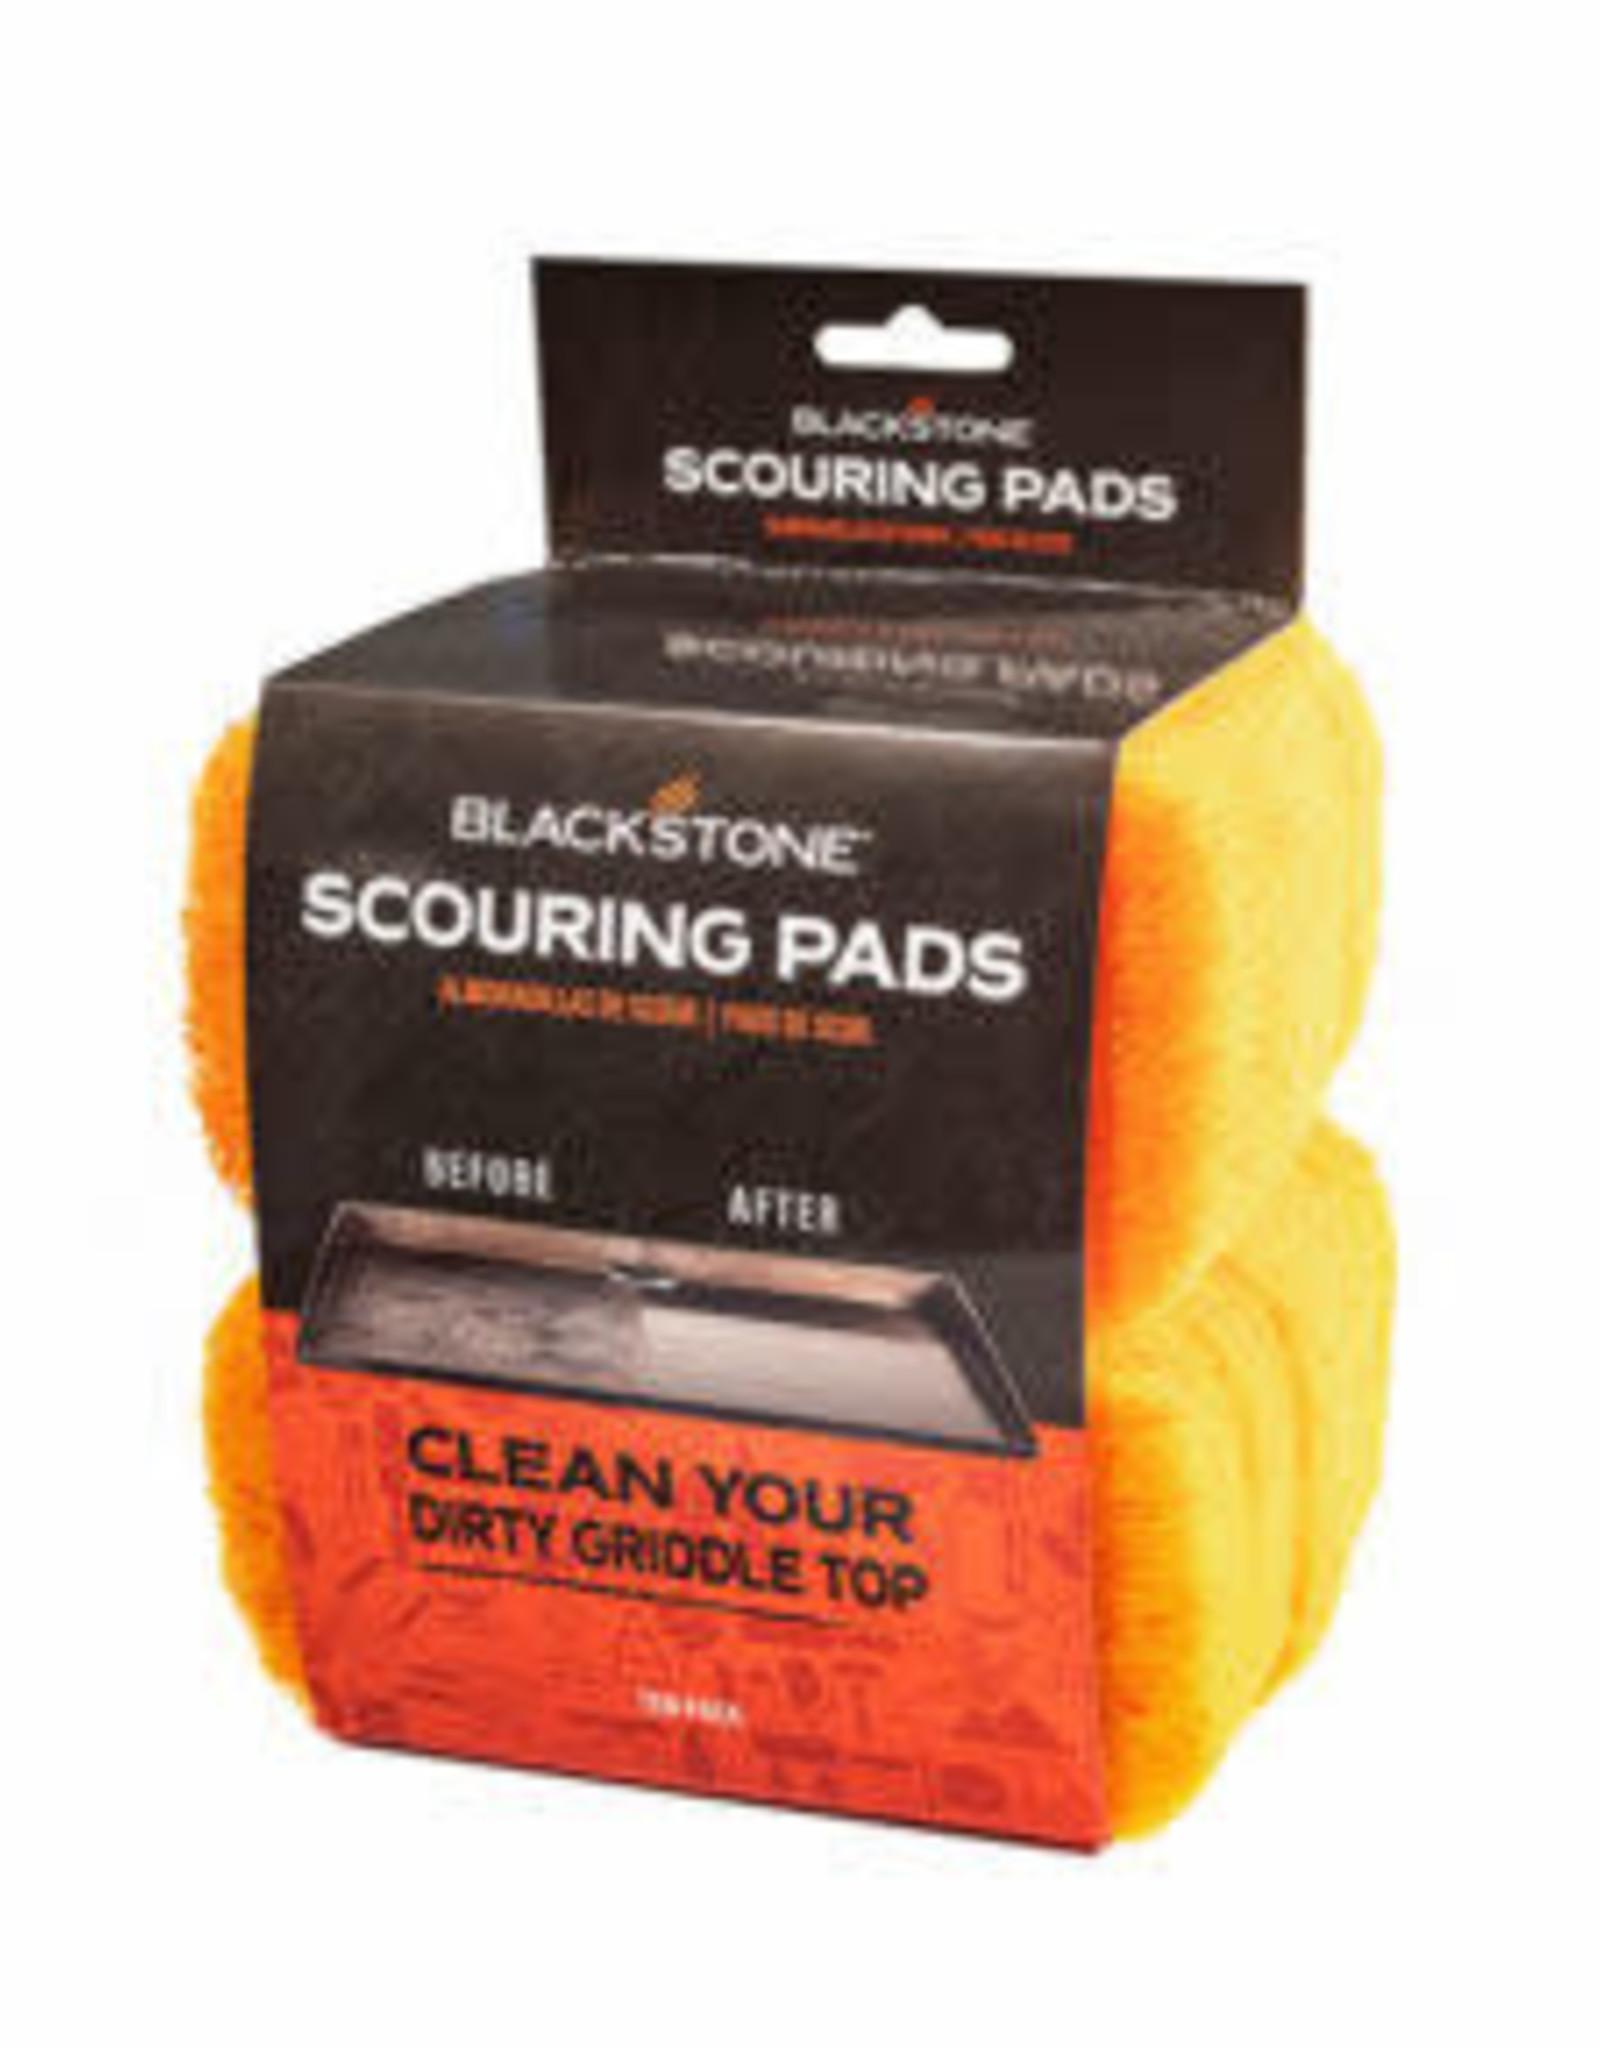 Blackstone Blackstone Scouring Pads 10-Pack 5063